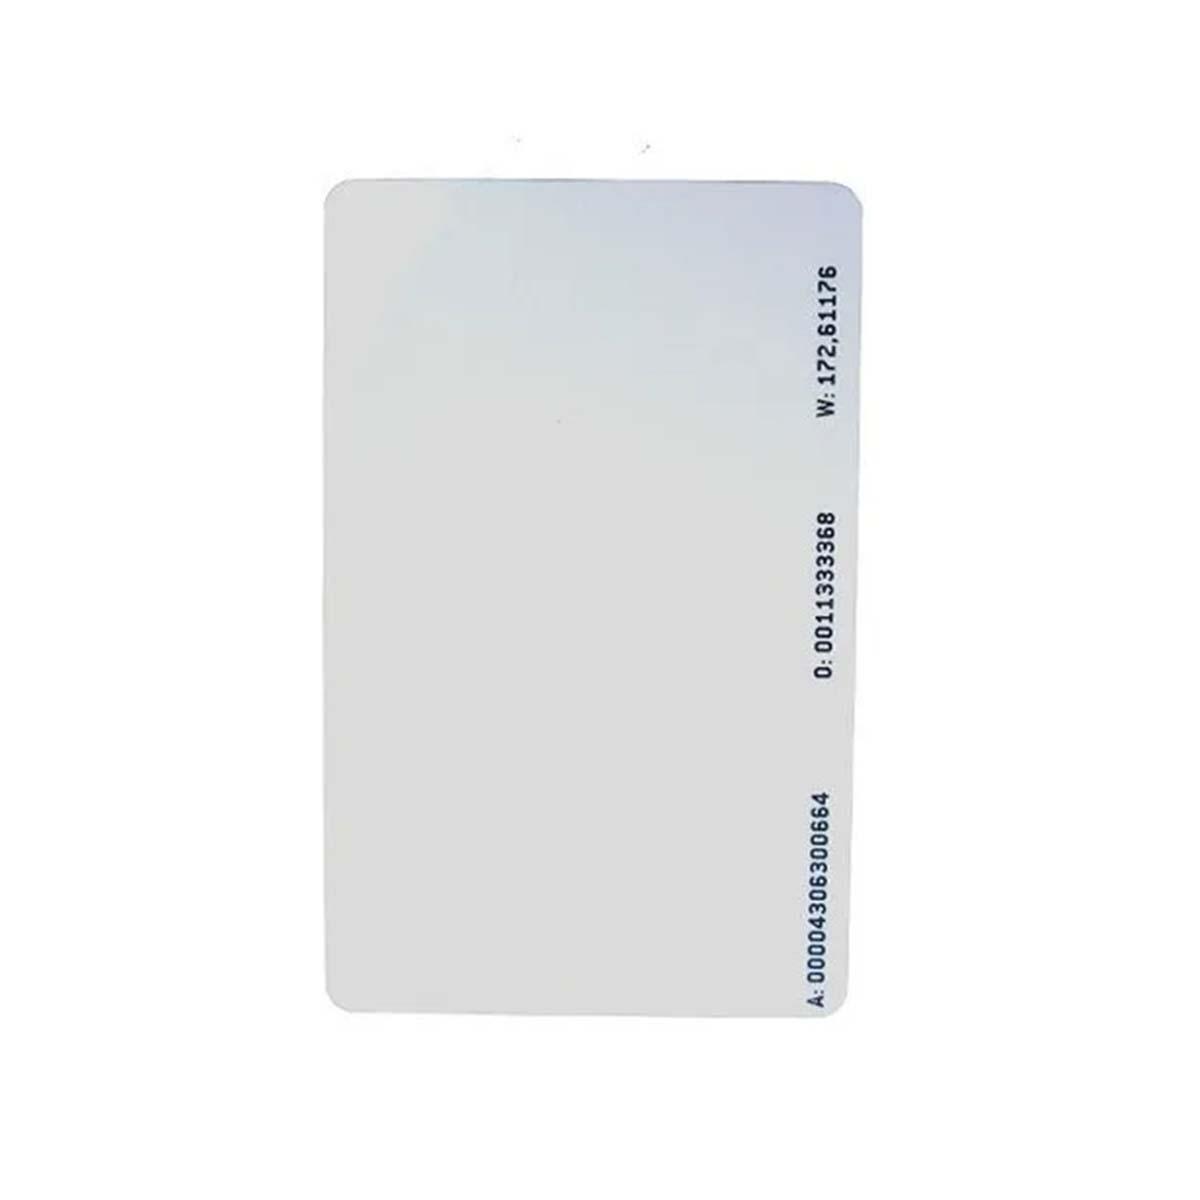 Kit 02 Cartão Intelbras De Acionamento Rfid 125Khz Th 2000